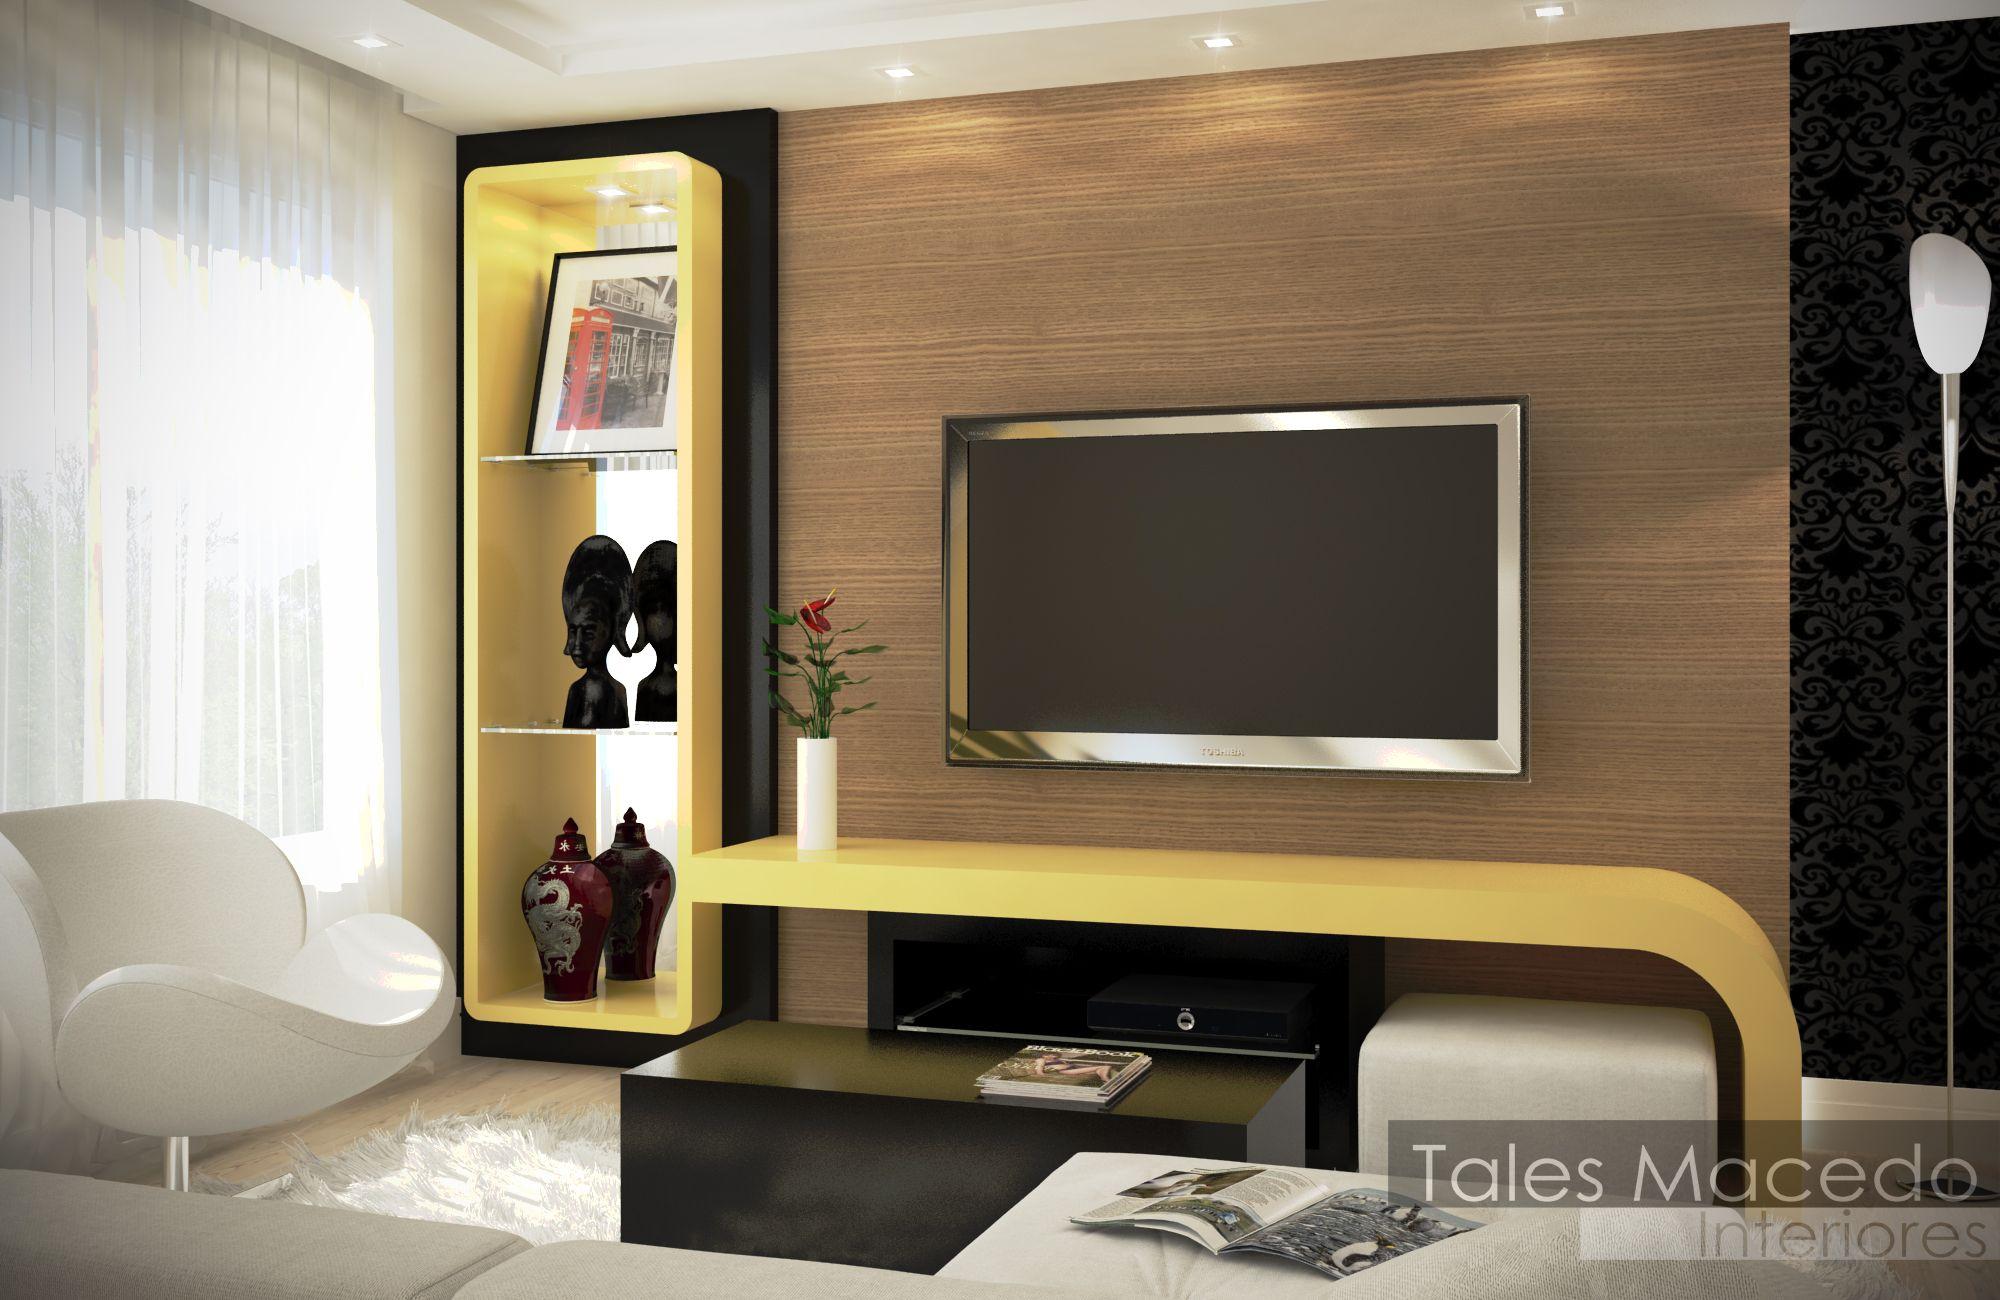 http  decoracao vocedeolhoemtudo com br wp content gallery painel para sala de tv assinado2 jpg  -> Decoração De Sala De Estar Com Painel De Tv